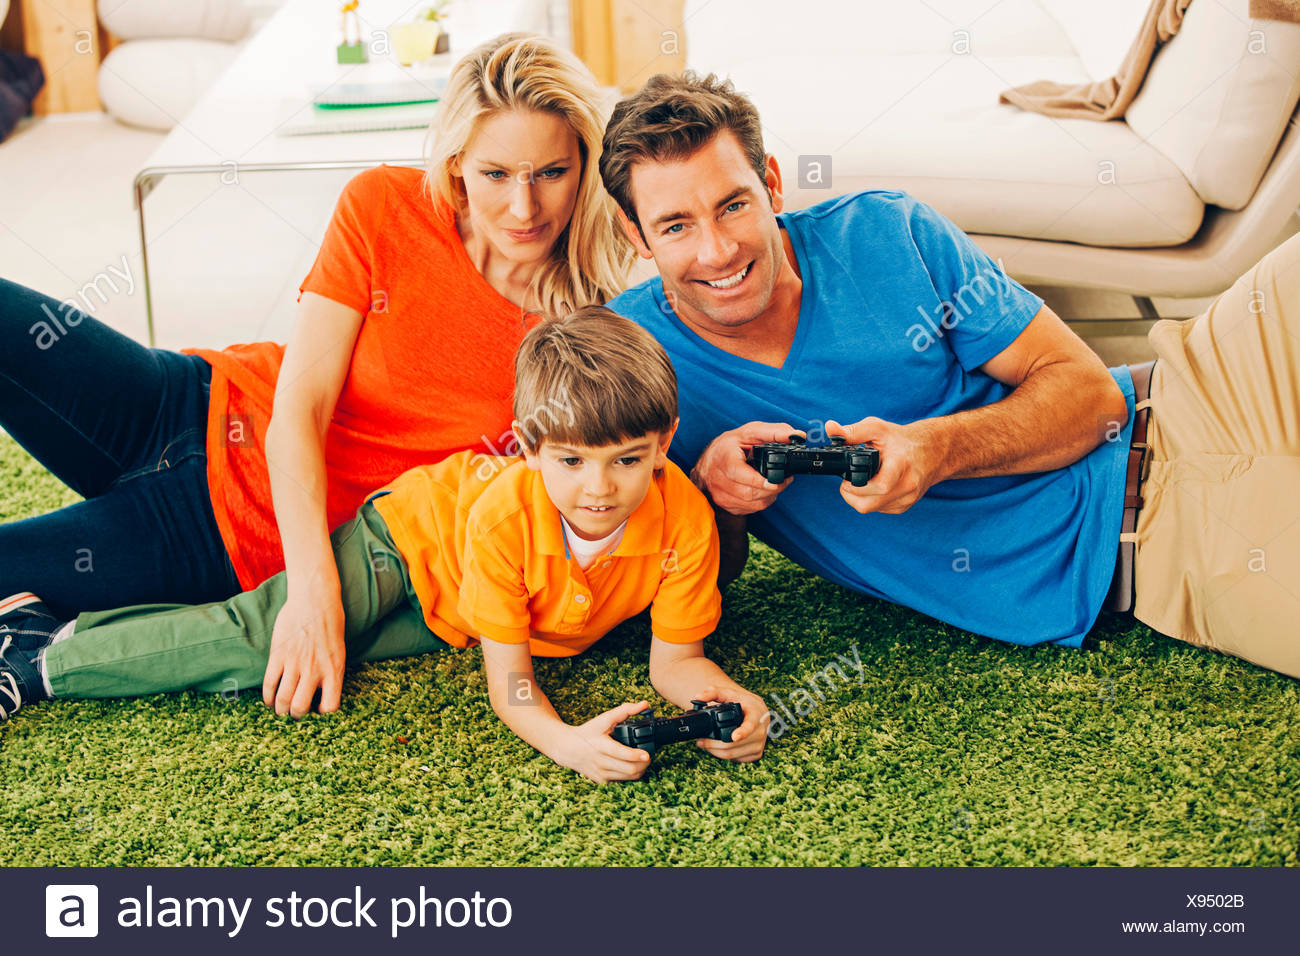 Familia de tres jugar video juego en el salón Imagen De Stock